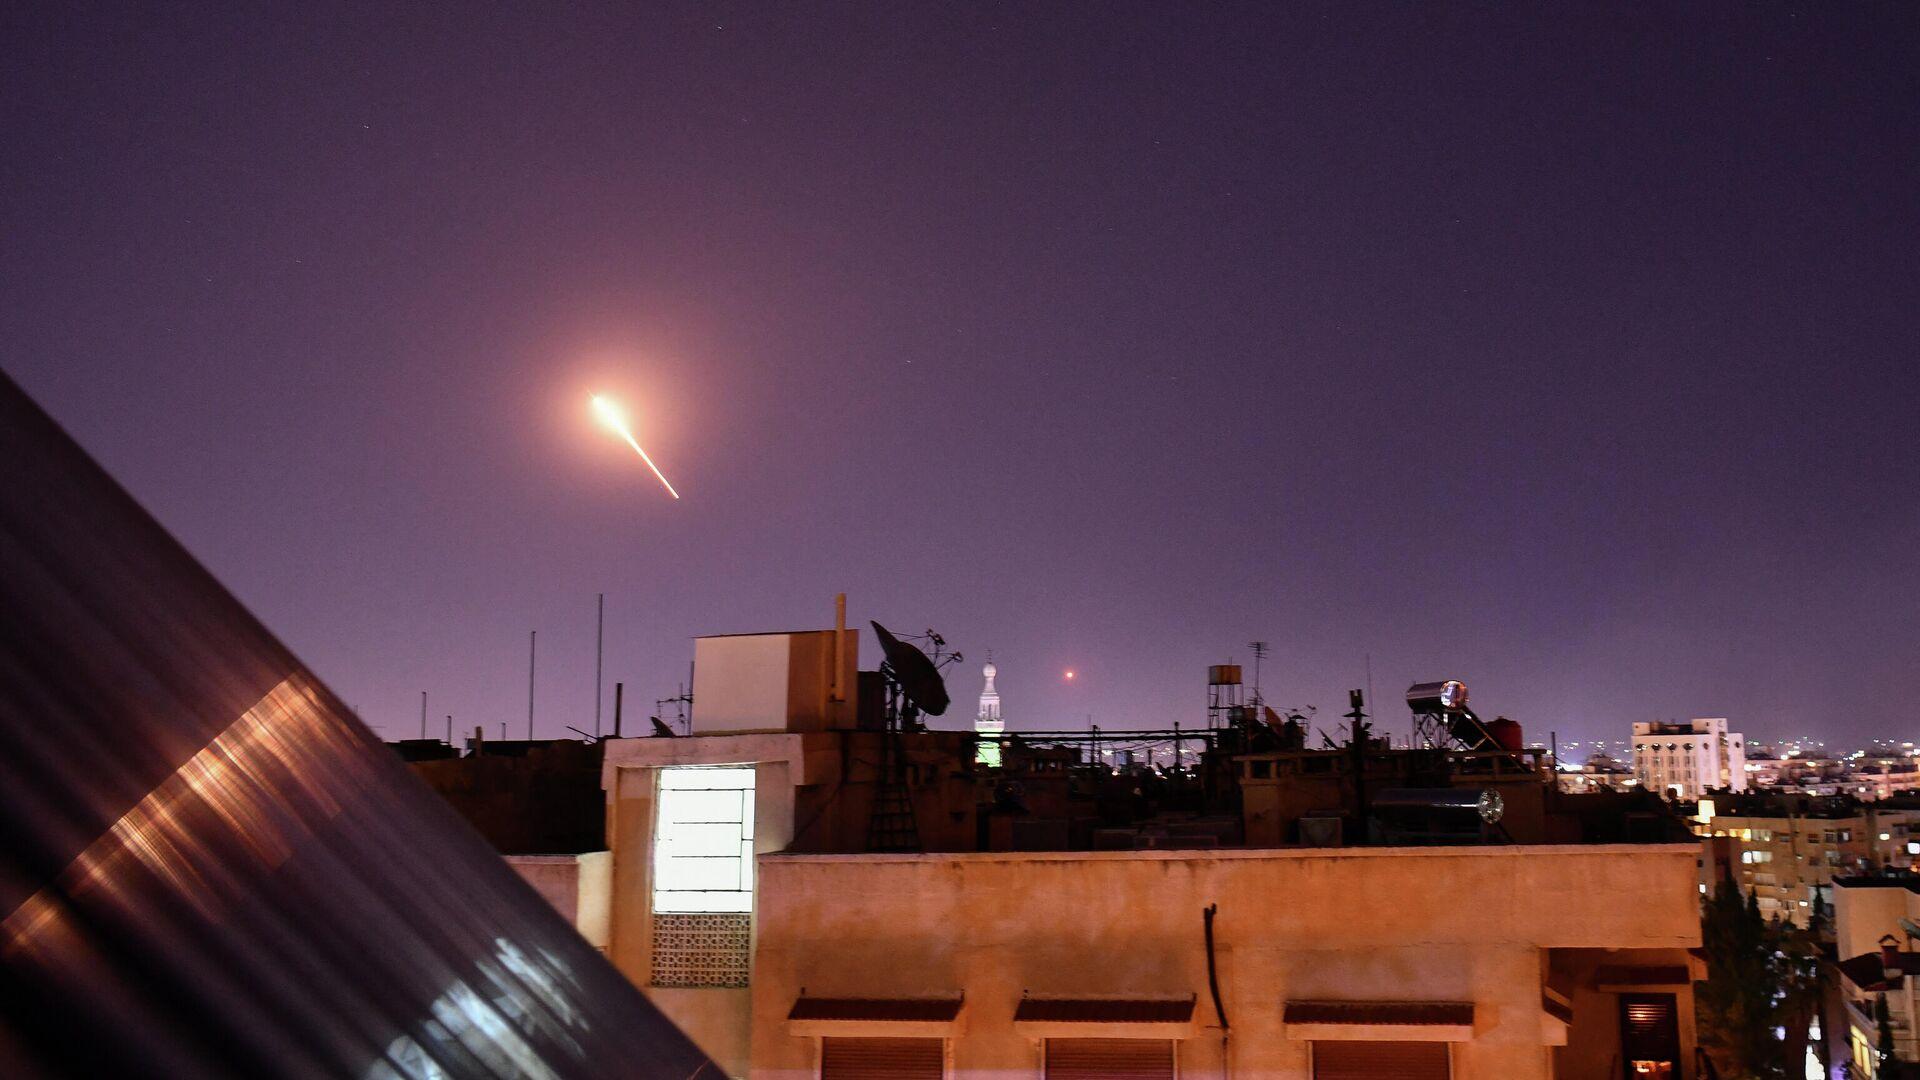 Ataque con misiles sobre Damasco, Siria - Sputnik Mundo, 1920, 16.03.2021